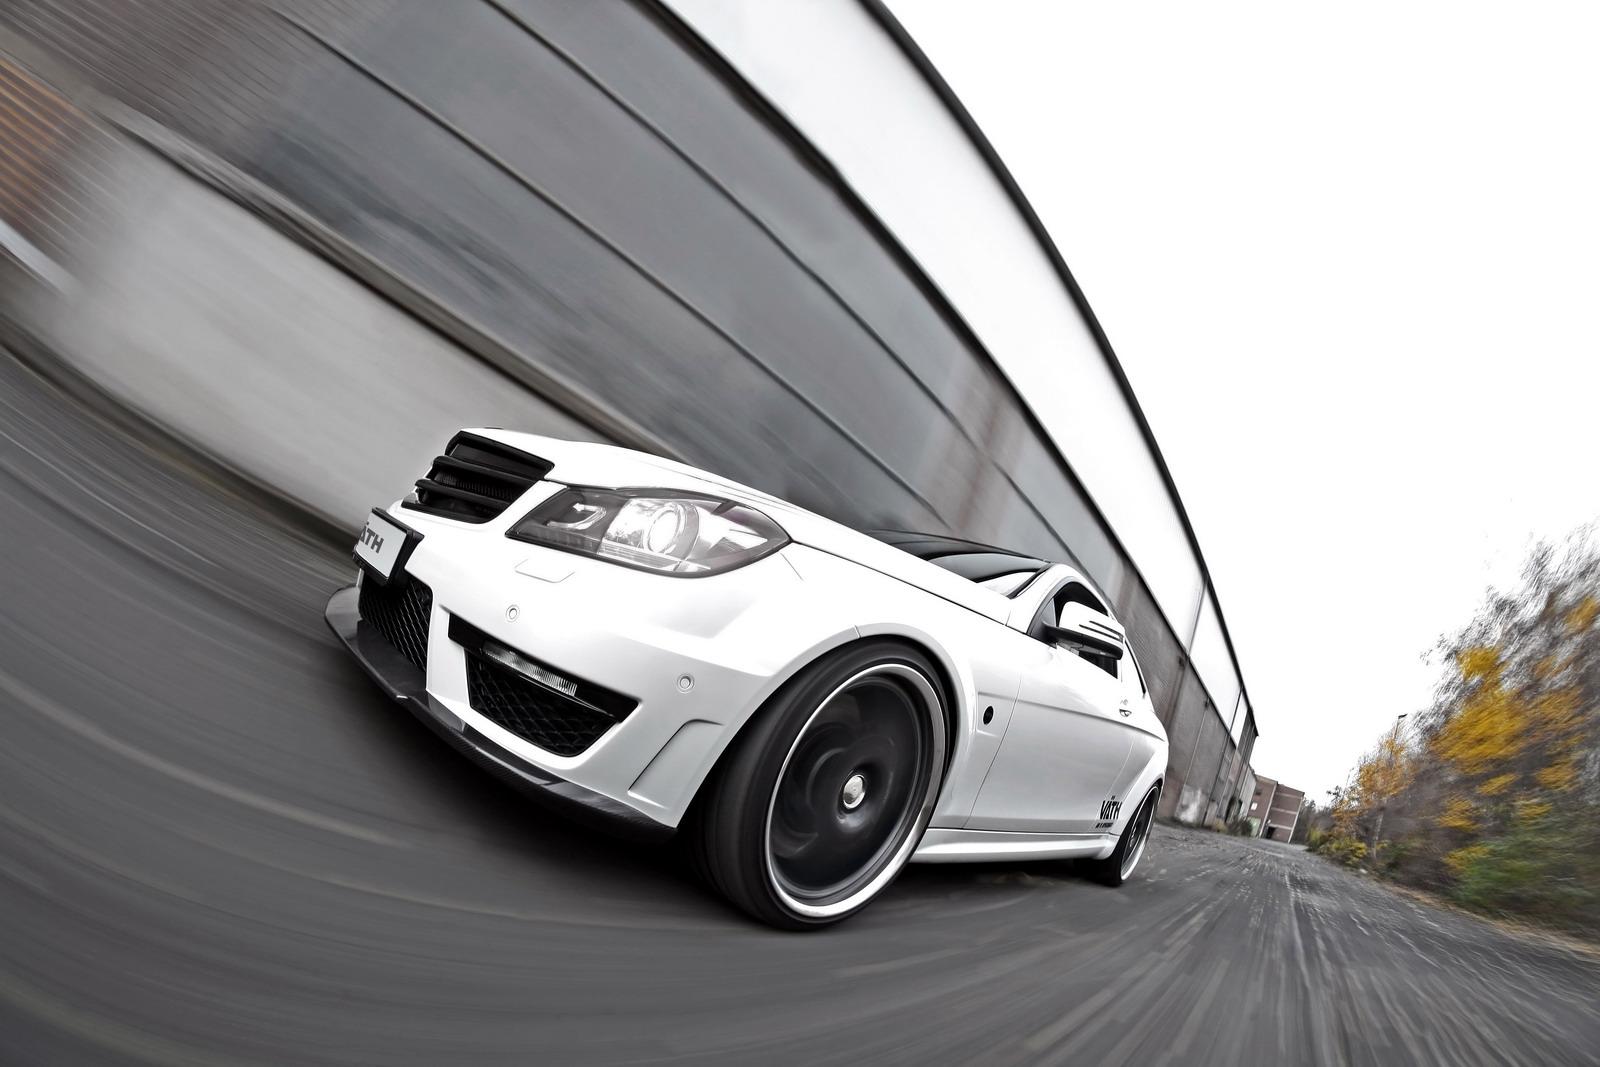 VATH V63 Supercharged aneb vyladěný Mercedes C63 AMG 8